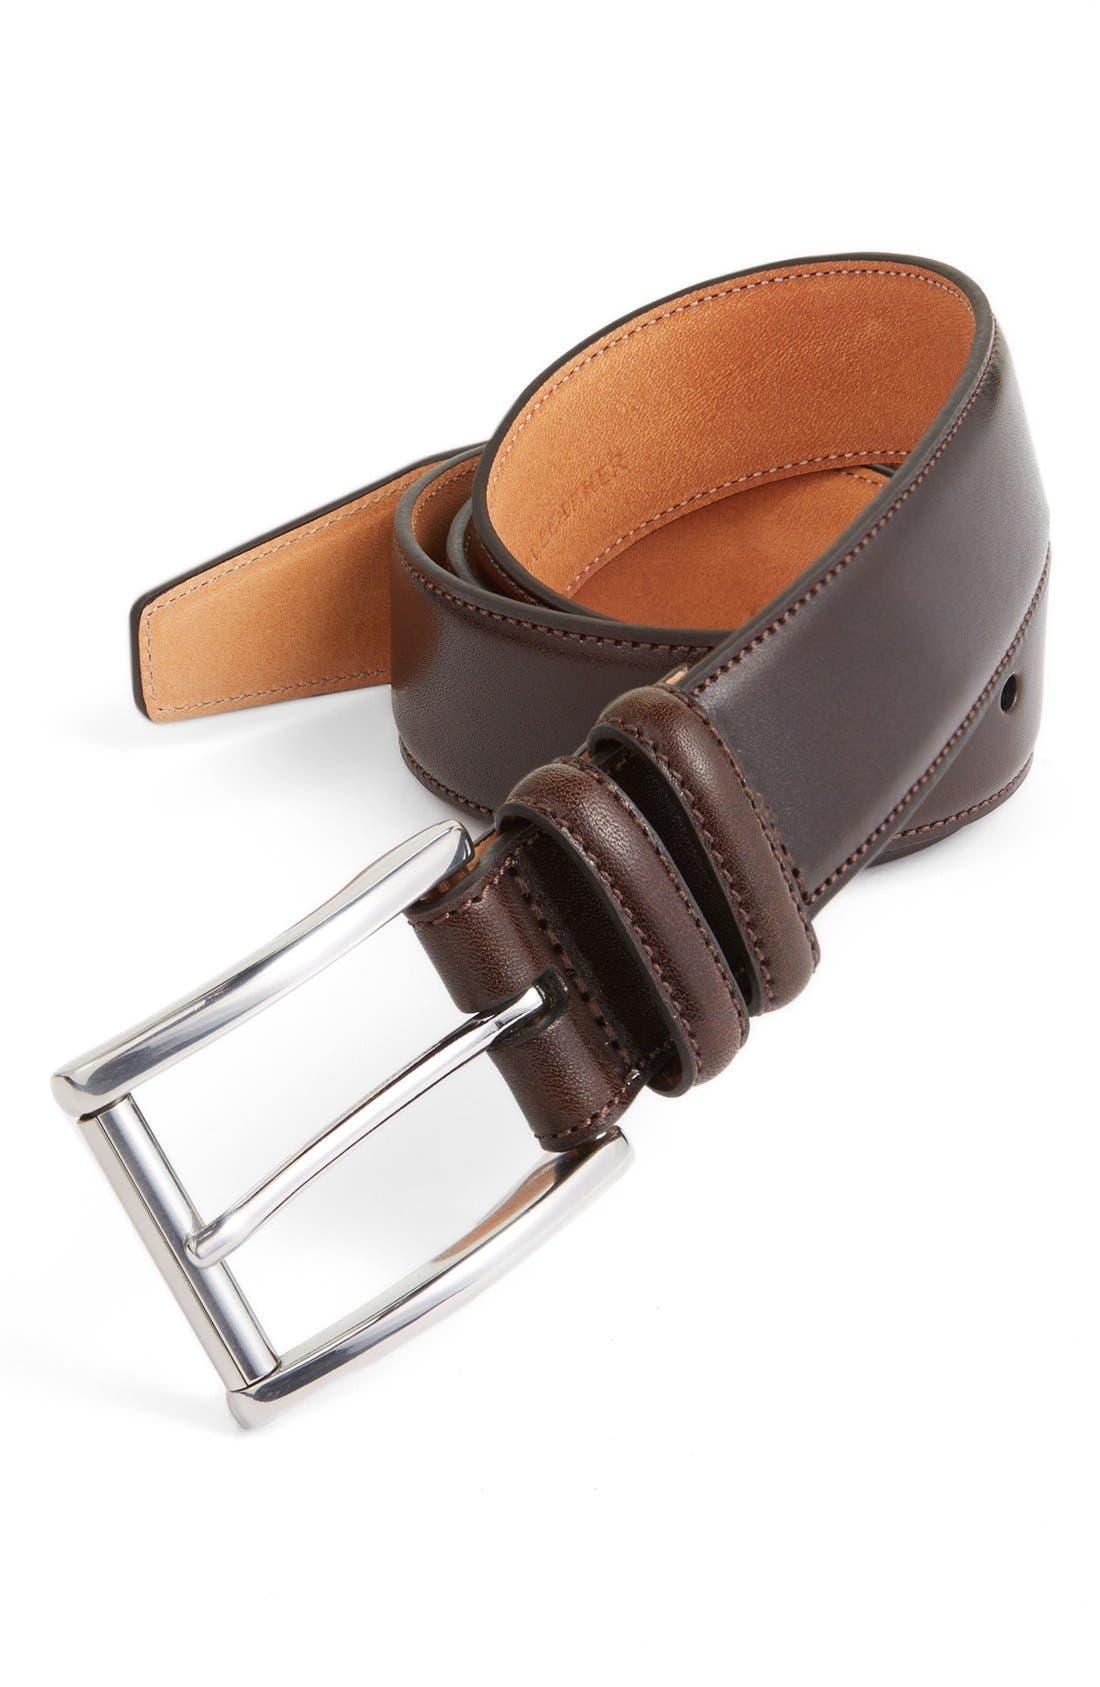 Main Image - Trafalgar 'Lorenzo' Leather Belt